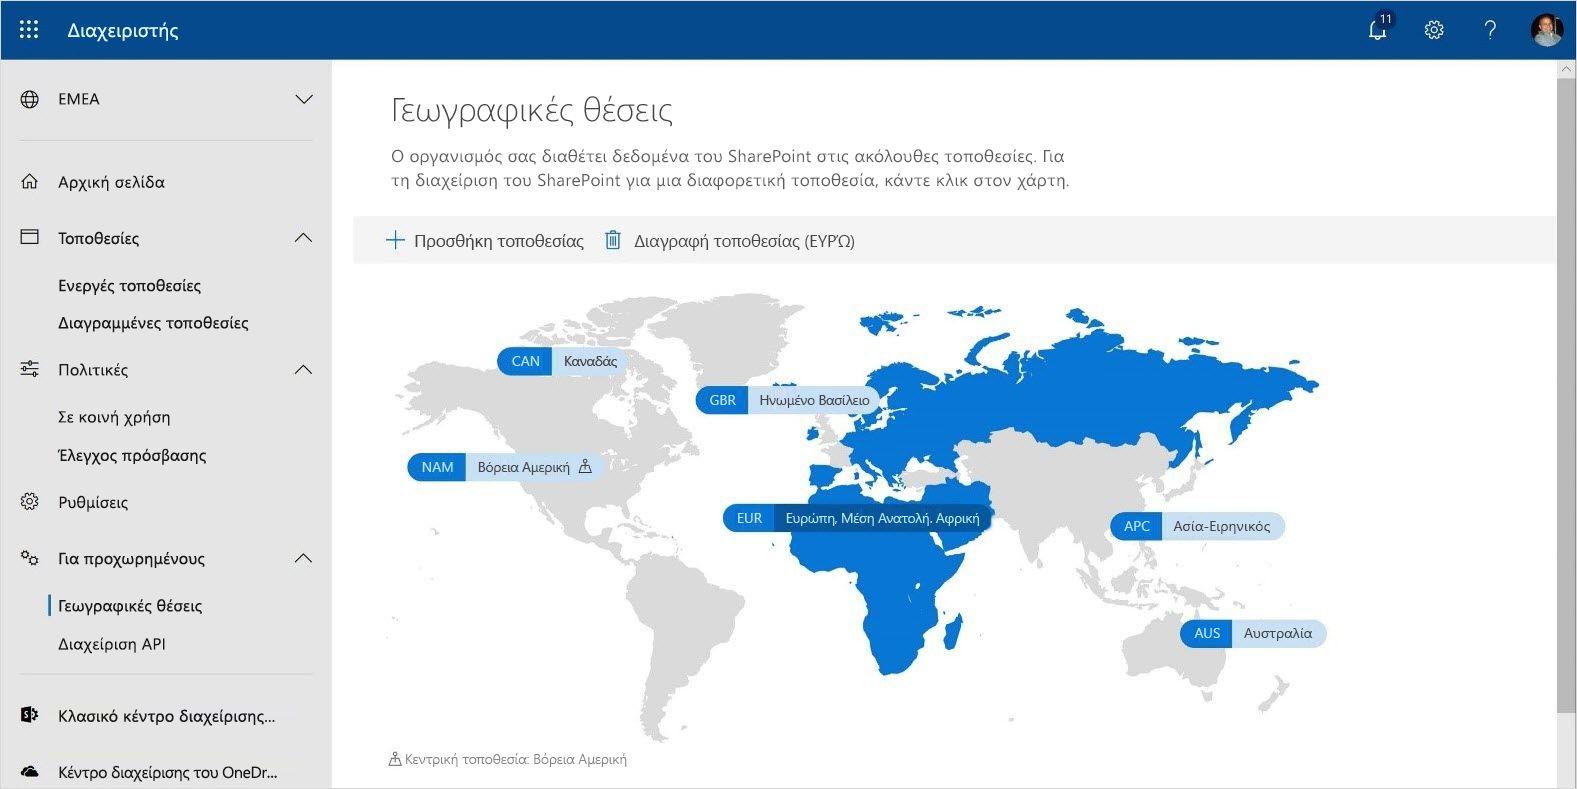 Εικόνα που δείχνει τις δυνατότητες Multi-Geo Capabilities στο Office 365.